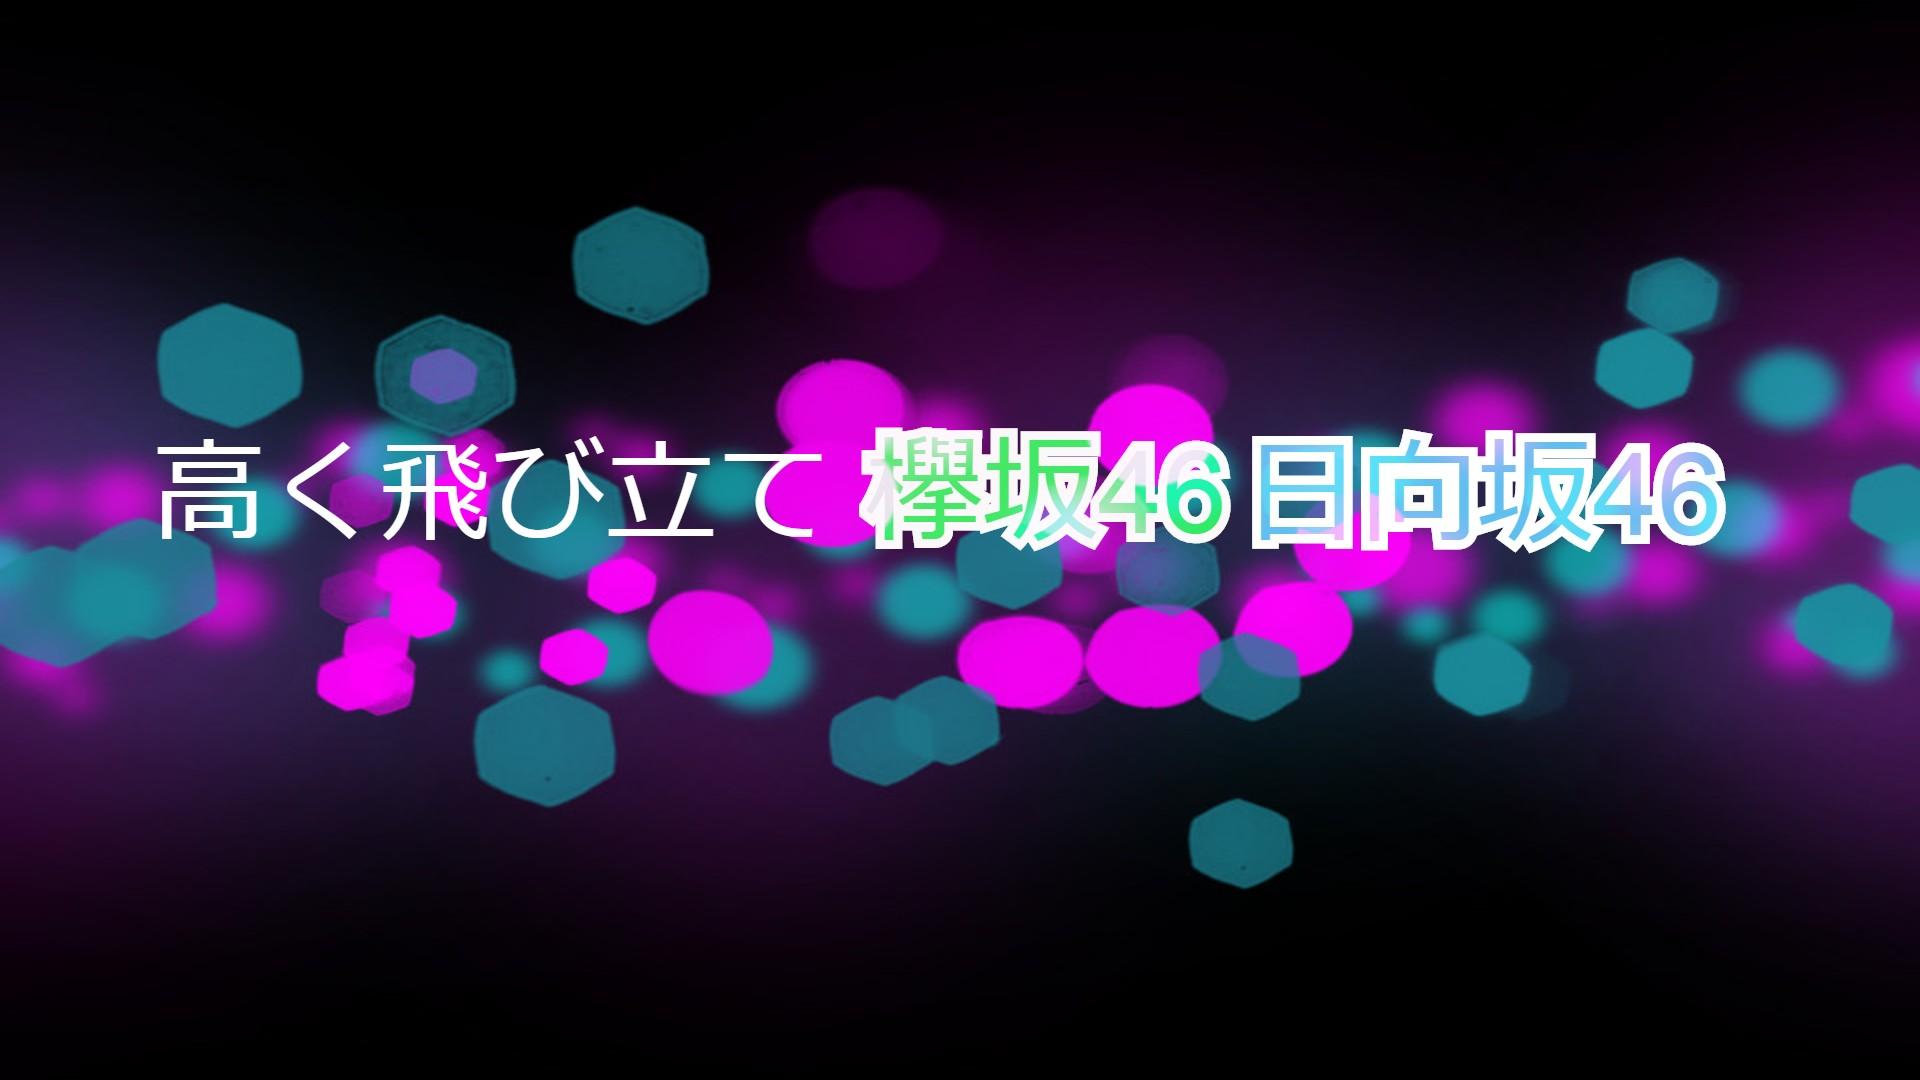 9th 欅坂46